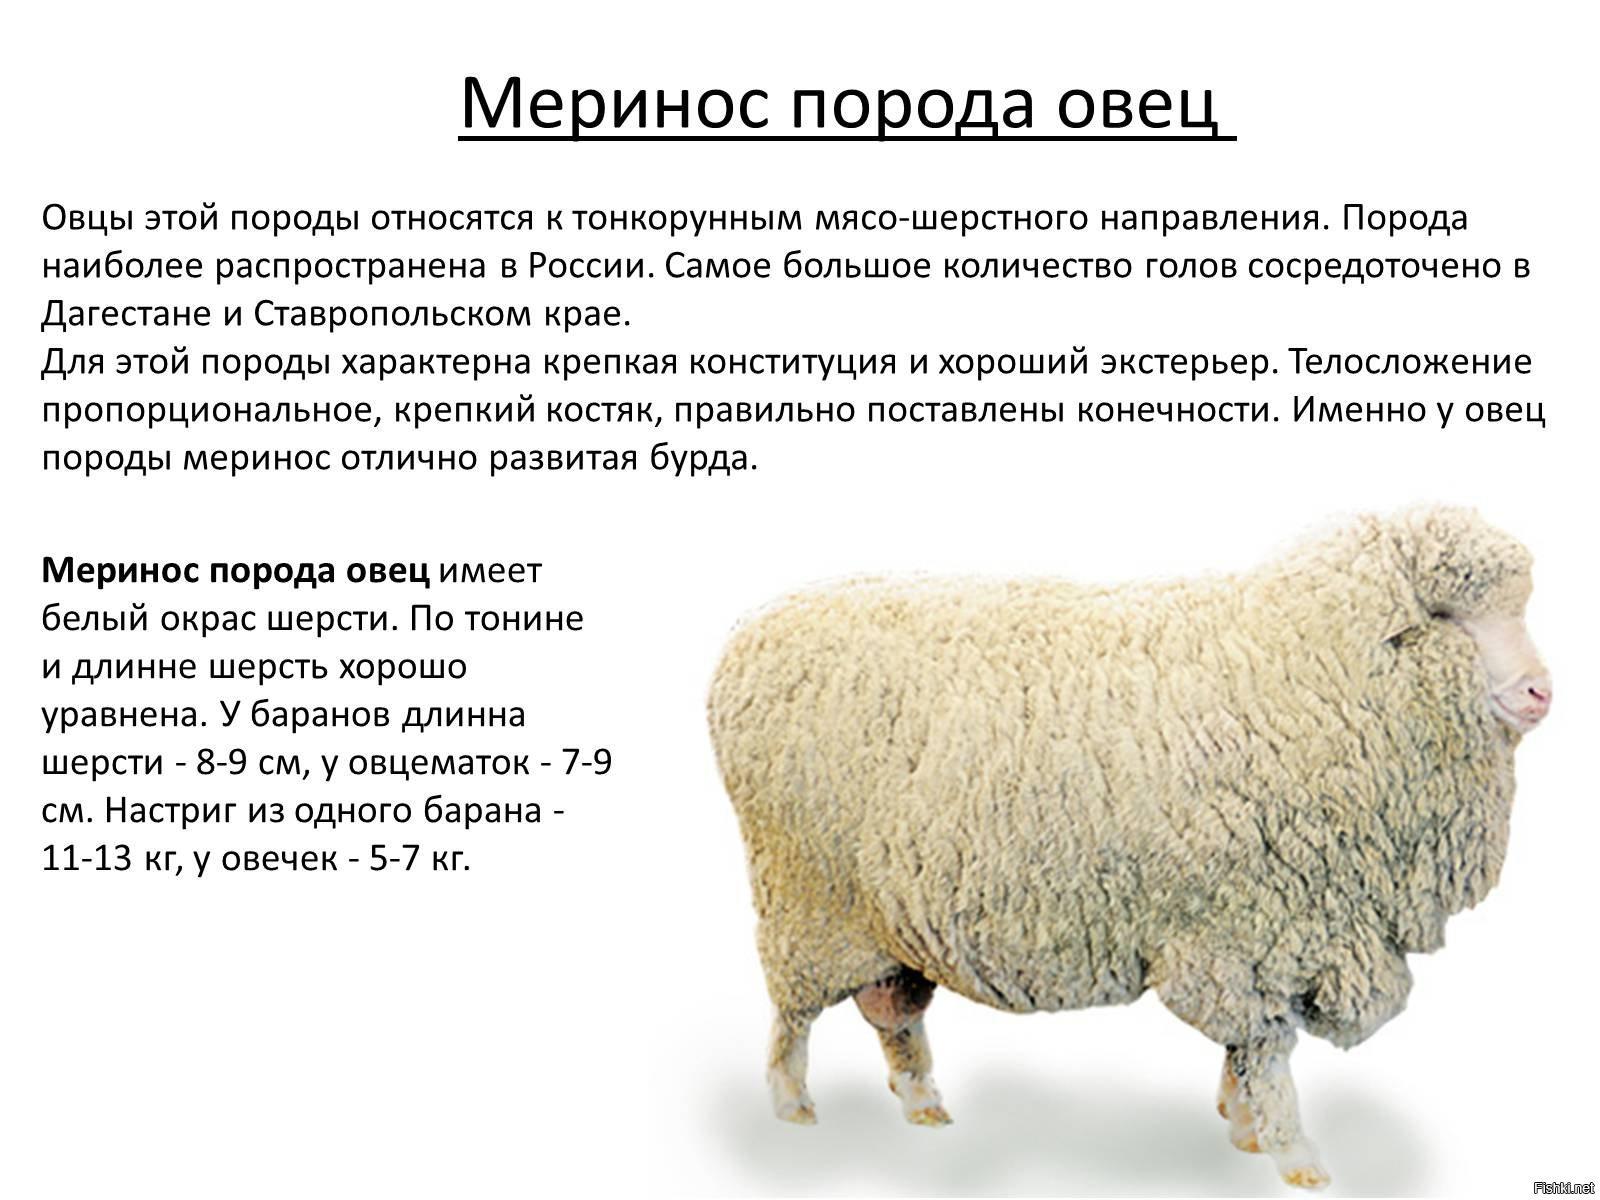 Меринос свойства шерсти купить в москве ткань пакистан